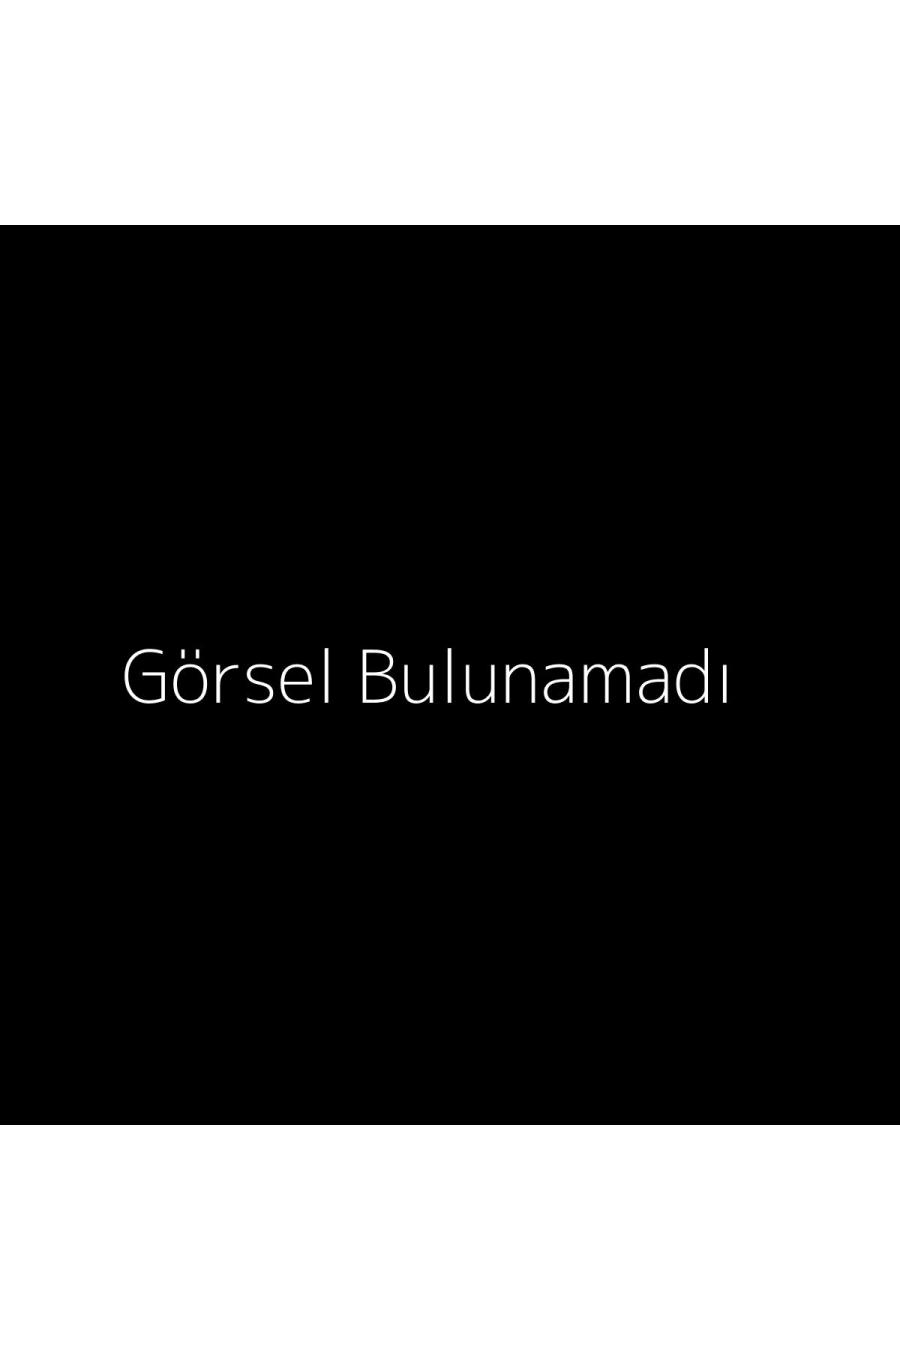 Benjamin Button Dress